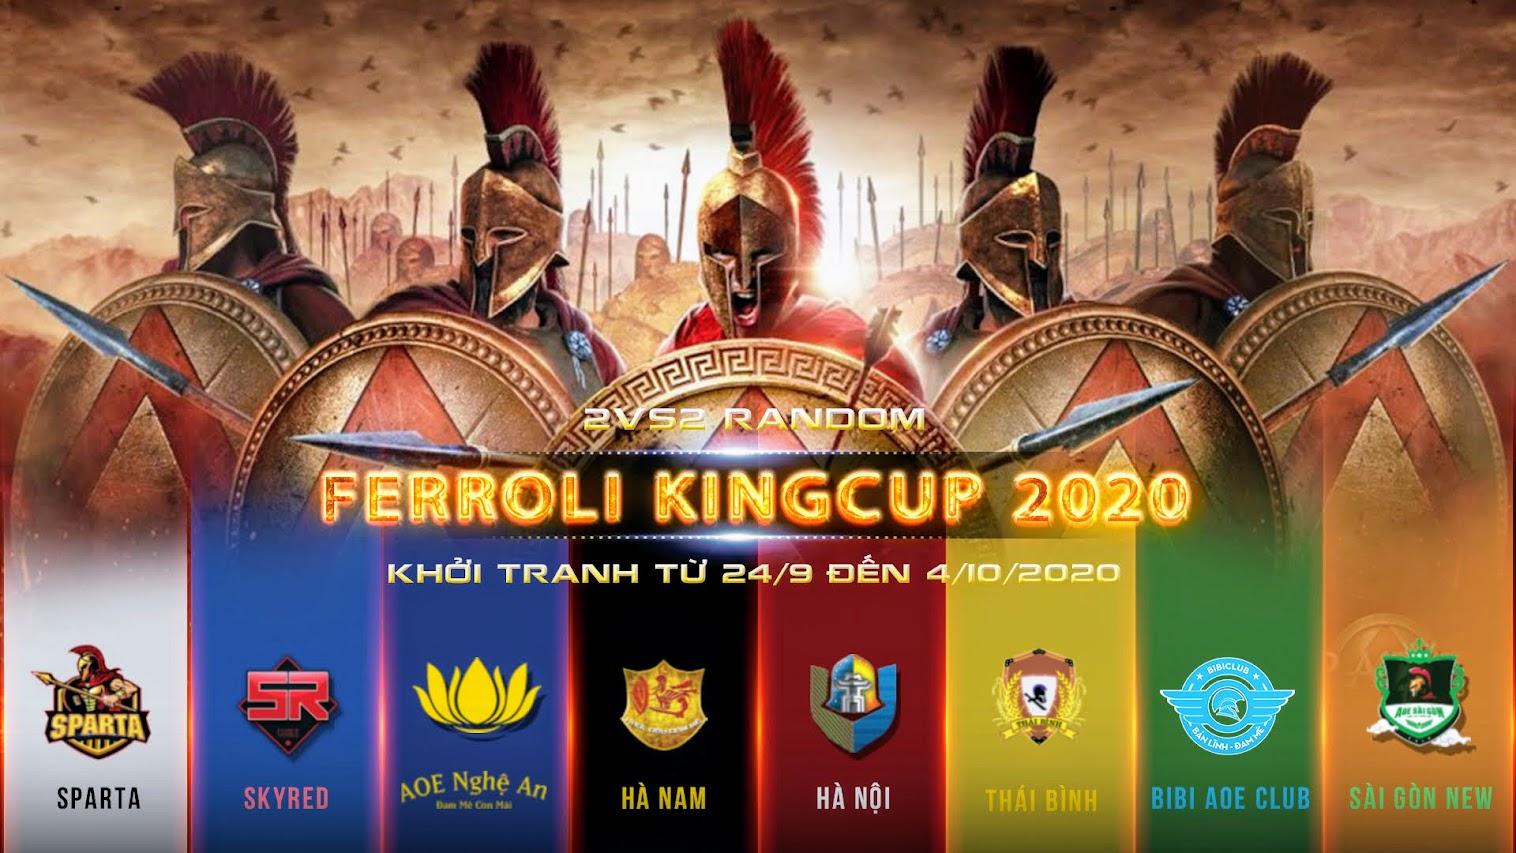 Thông báo về giải đấu AoE Ferroli King Cup 2020: Đi tìm cặp đôi vô đối của cộng đồng AoE Việt Nam